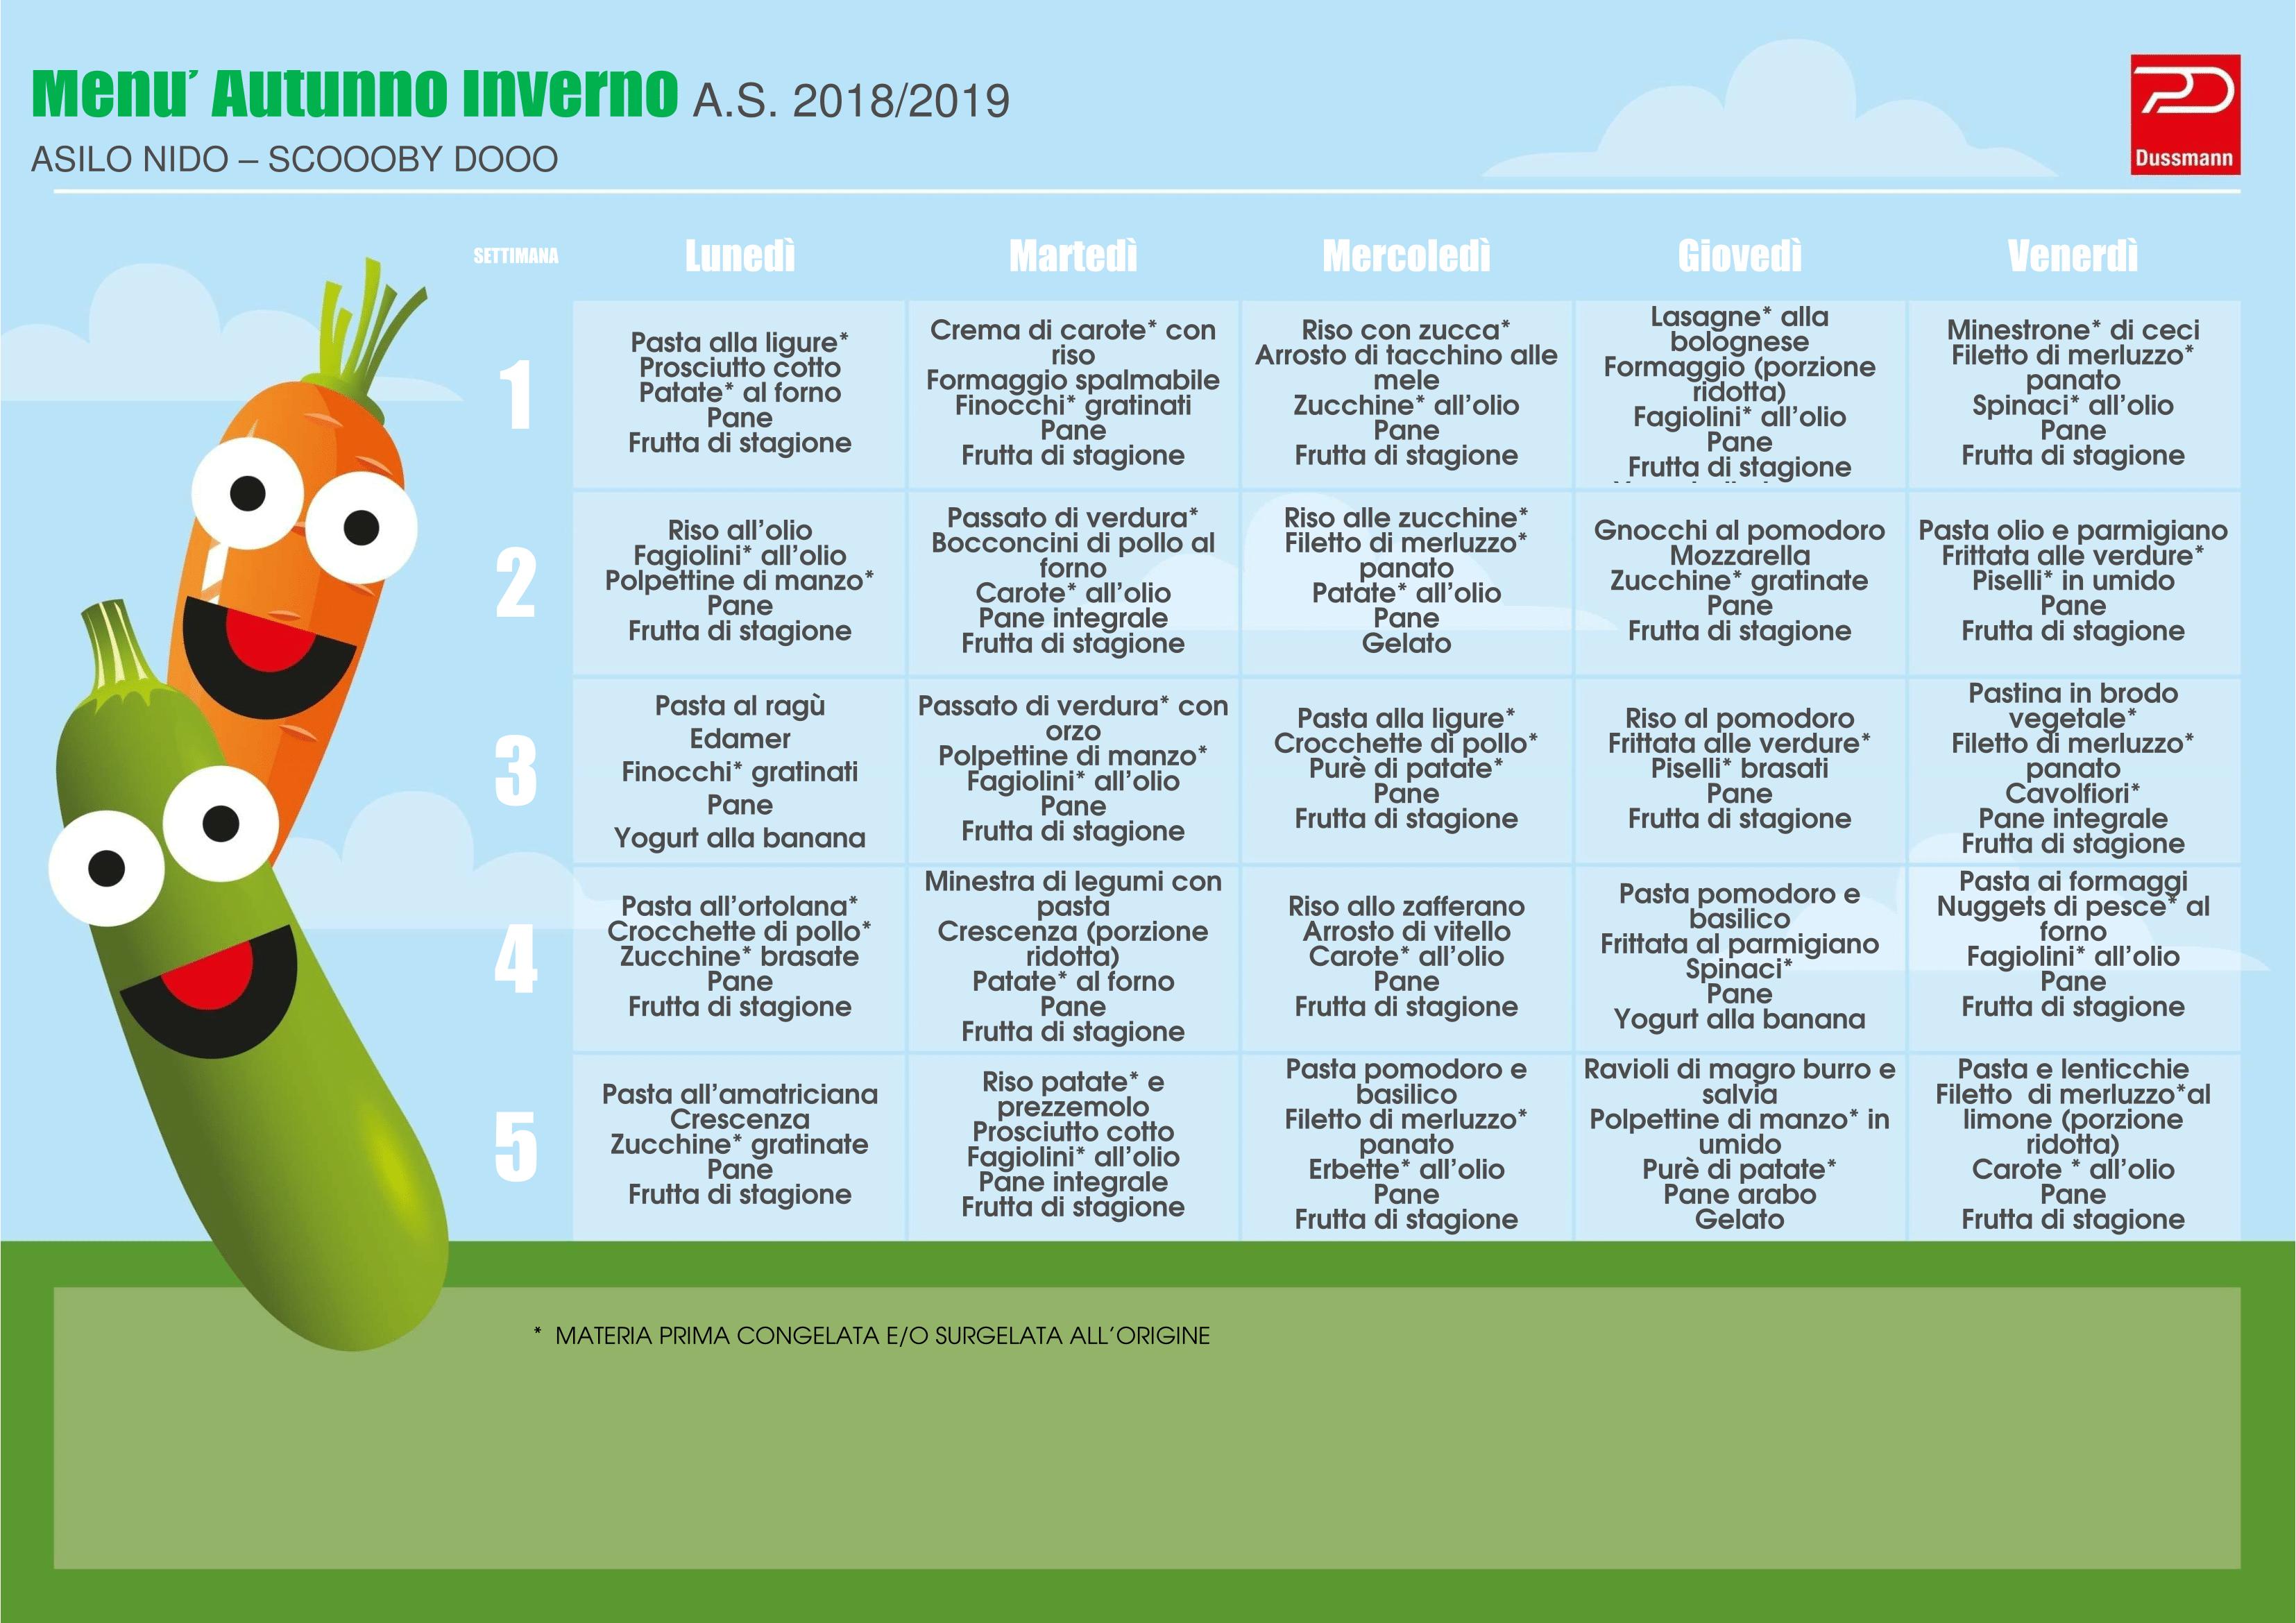 Scoobydooo menu nido